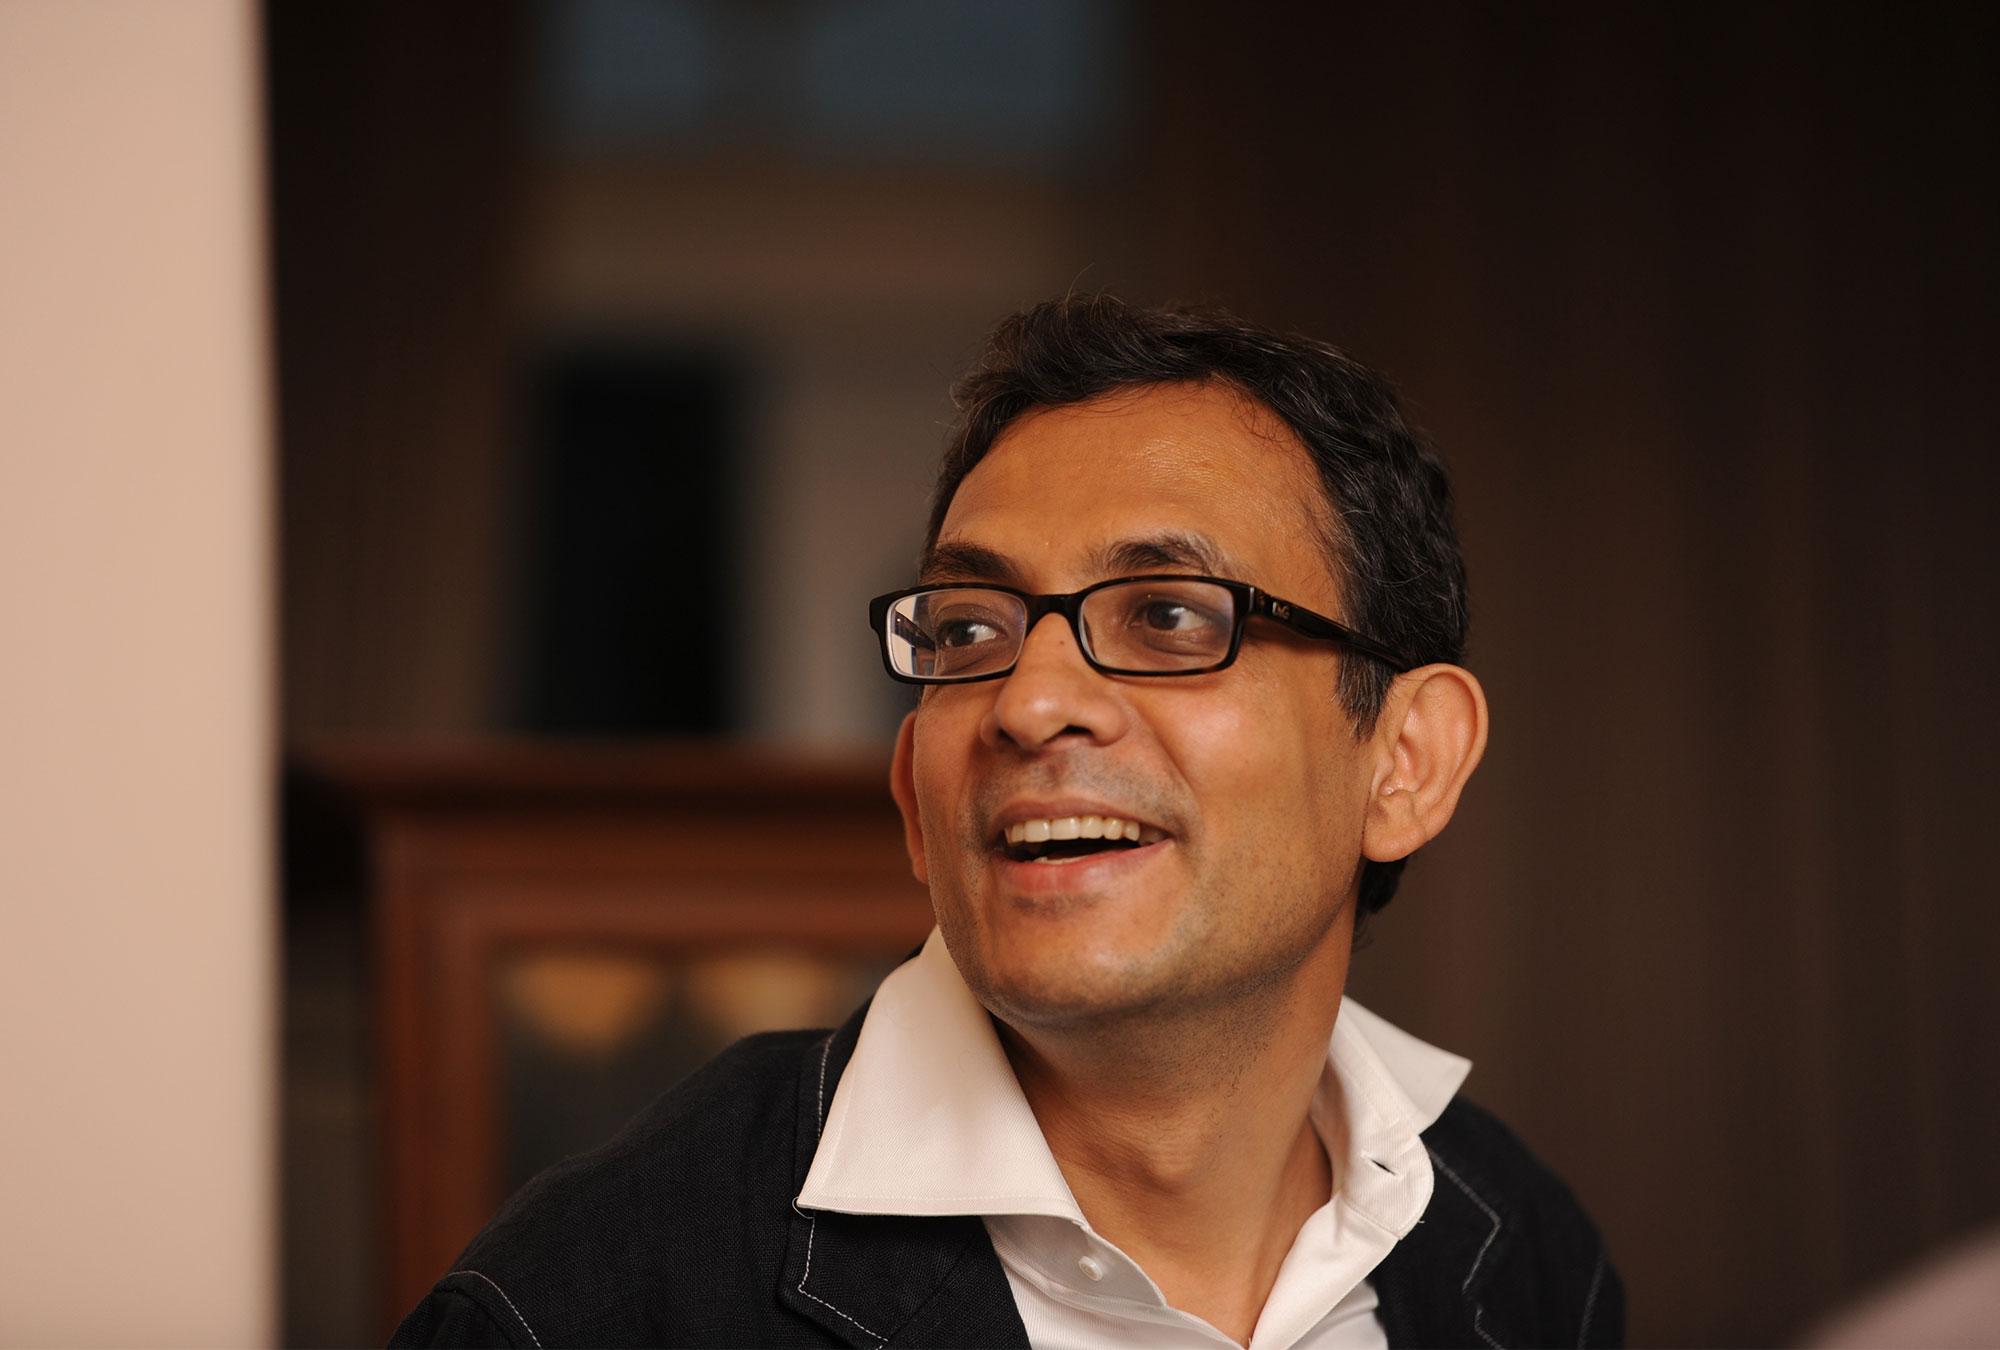 Abhijit Banerjee headshot